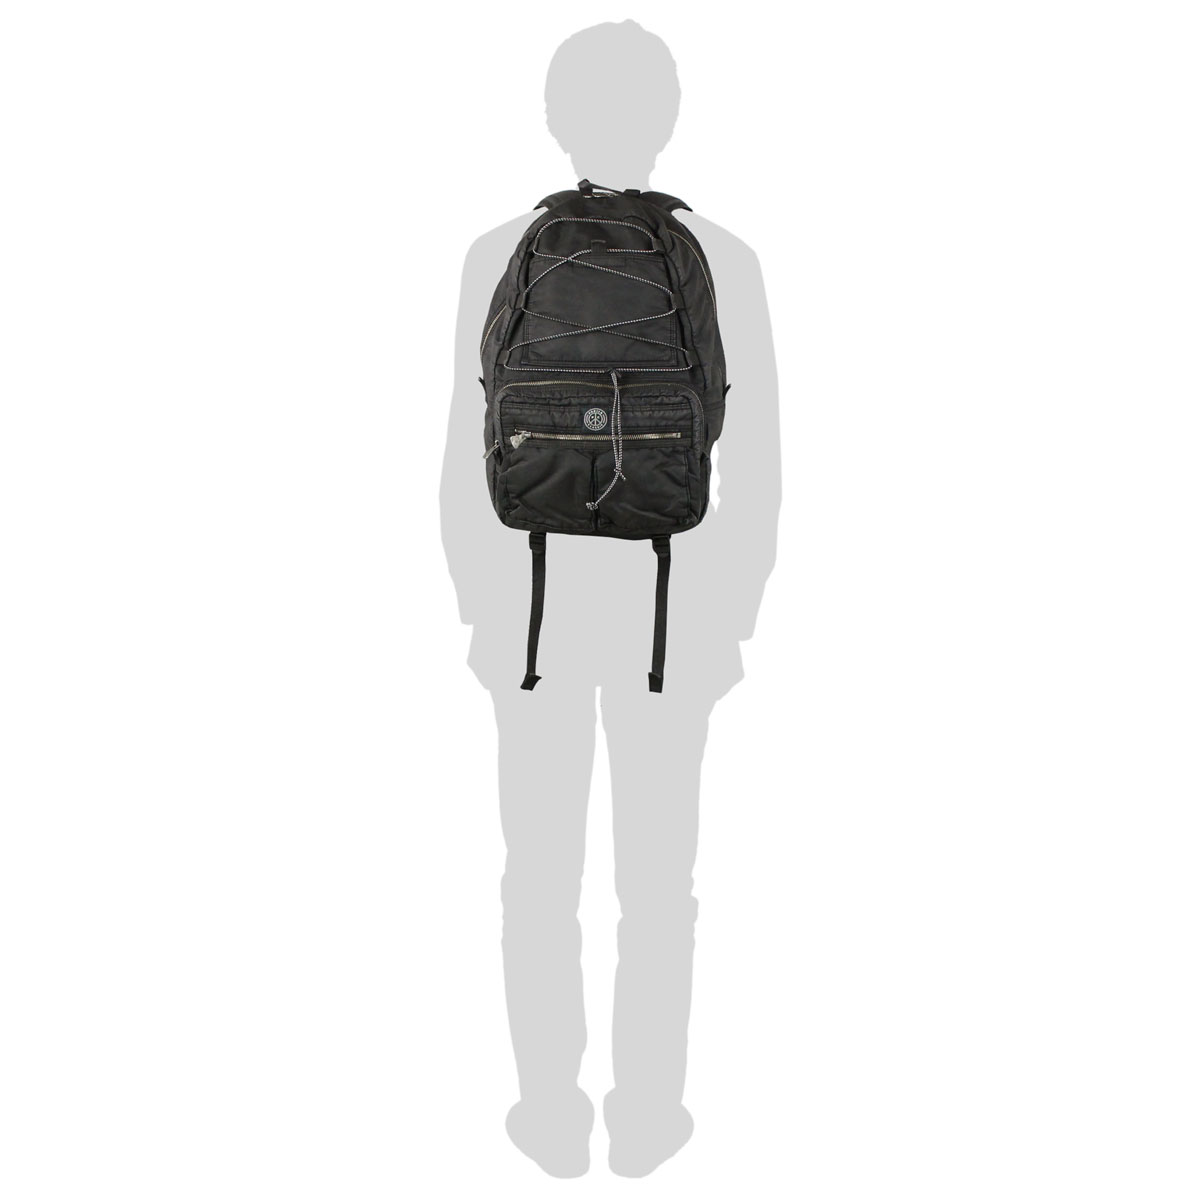 波特波特经典超级尼龙超级尼龙背包背包背包男装经典 PC-015-264 袋乐天点 10 倍